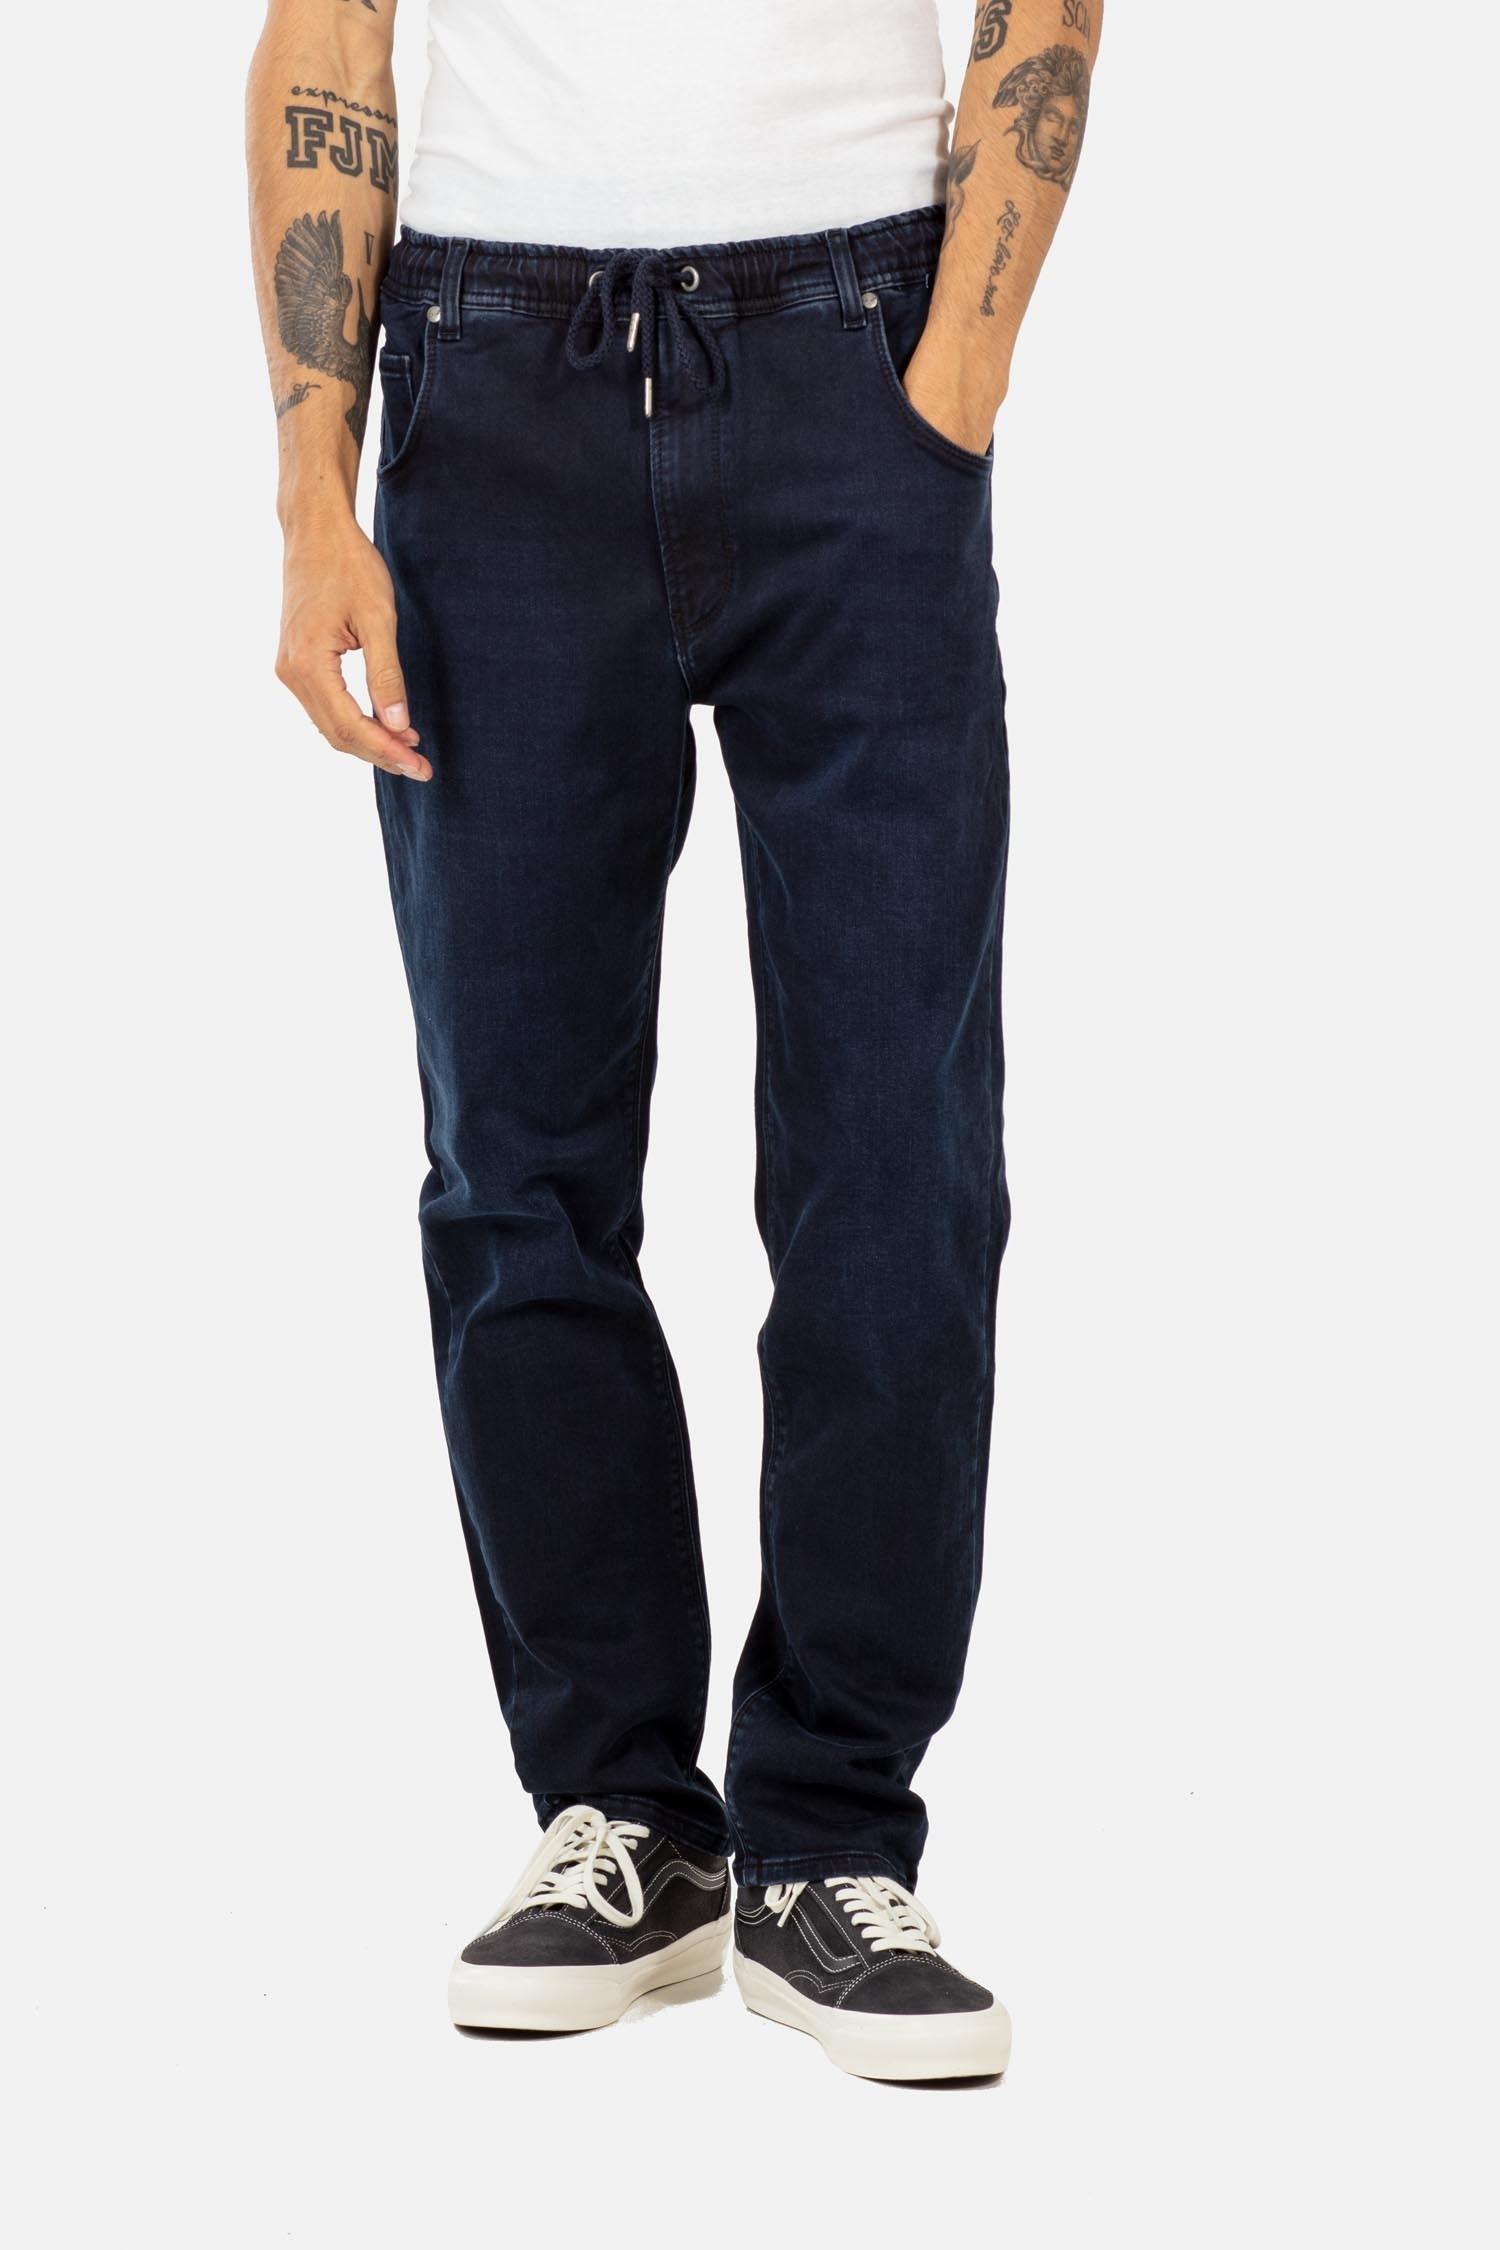 REELL Herren Hose Jogger Jeans Knitted Blue Black